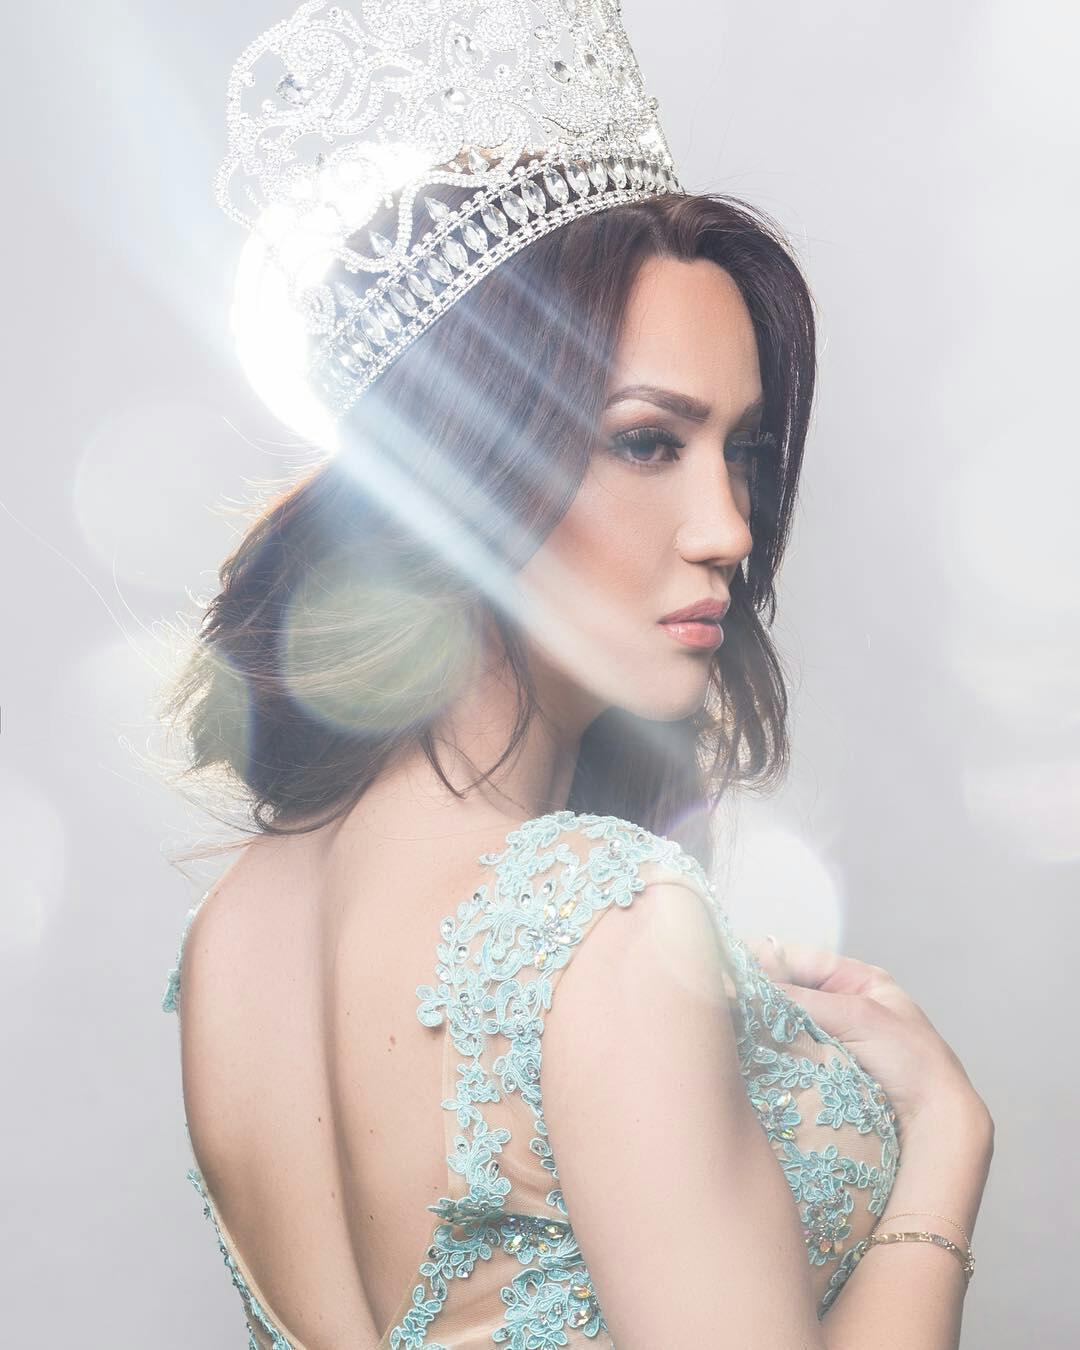 Beauty queen transsexual